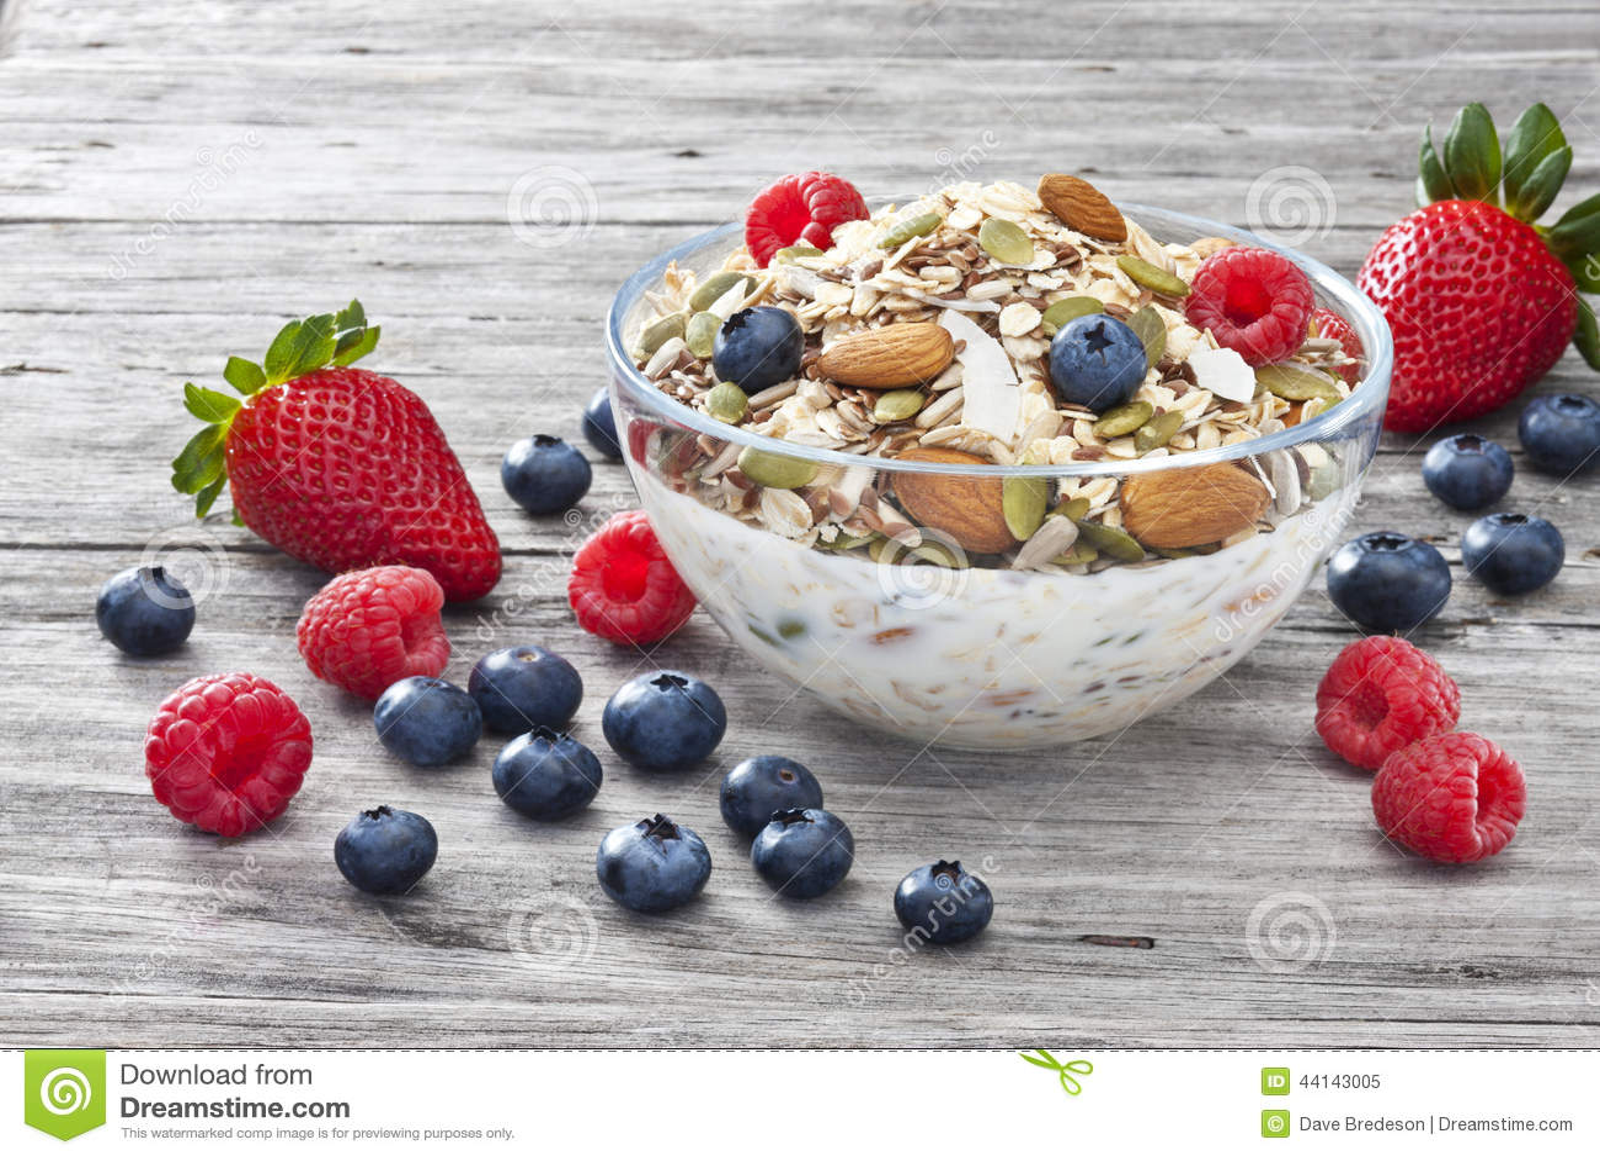 Cereal Muesli Granola Berries Breakfast